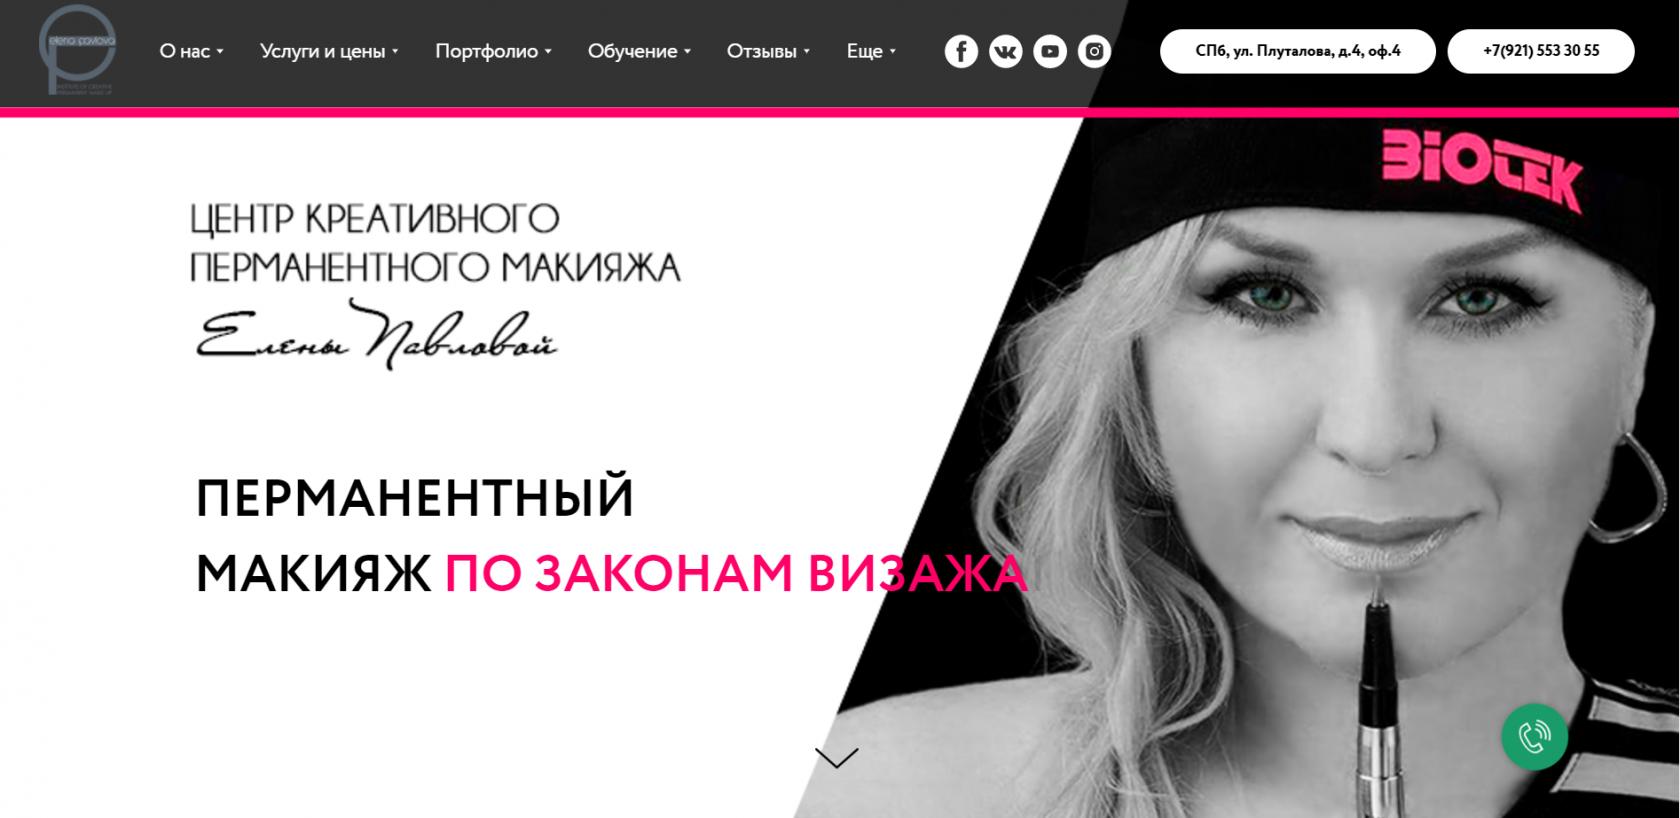 Перманентный макияж в Санкт-Петербурге с адресами Институт перманентного макияжа в спб